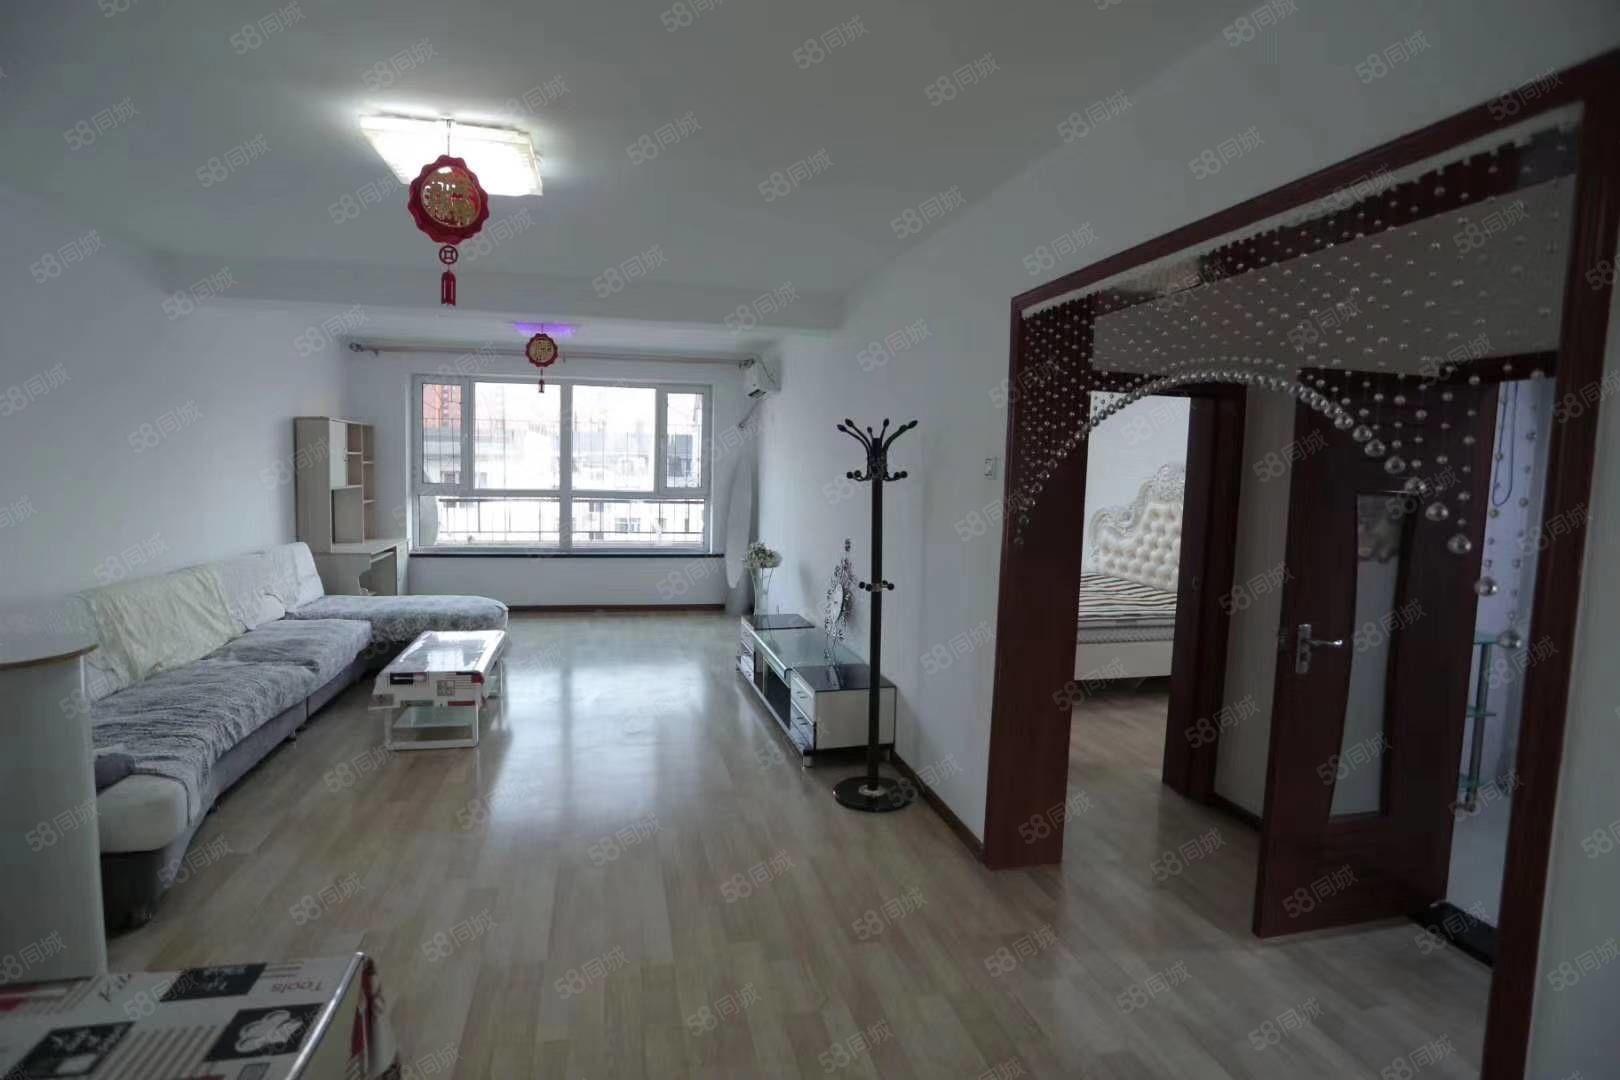 松江熱電小區2室1廳78.6平40.8萬精裝修大H格局